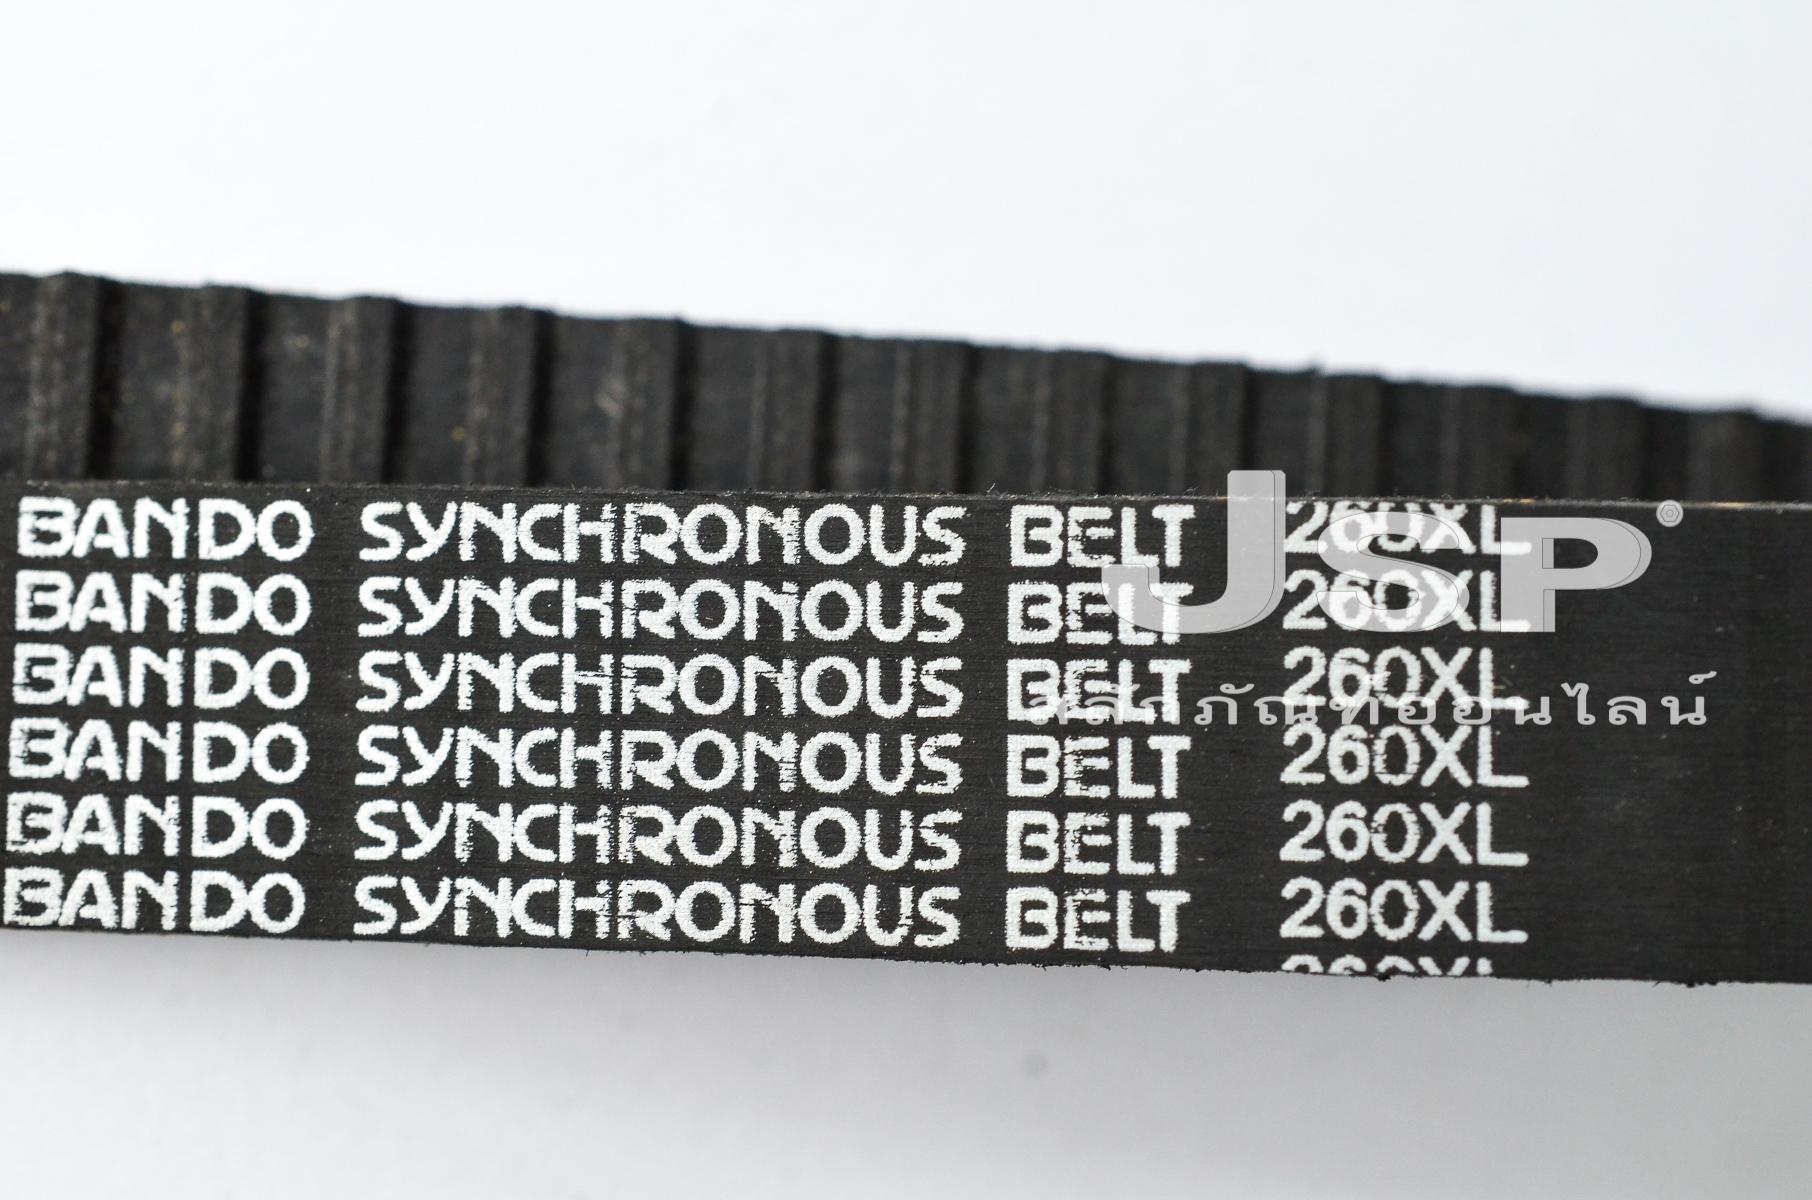 สายพาน Timing Belt รหัส 260XL หน้ากว้าง 20 mm